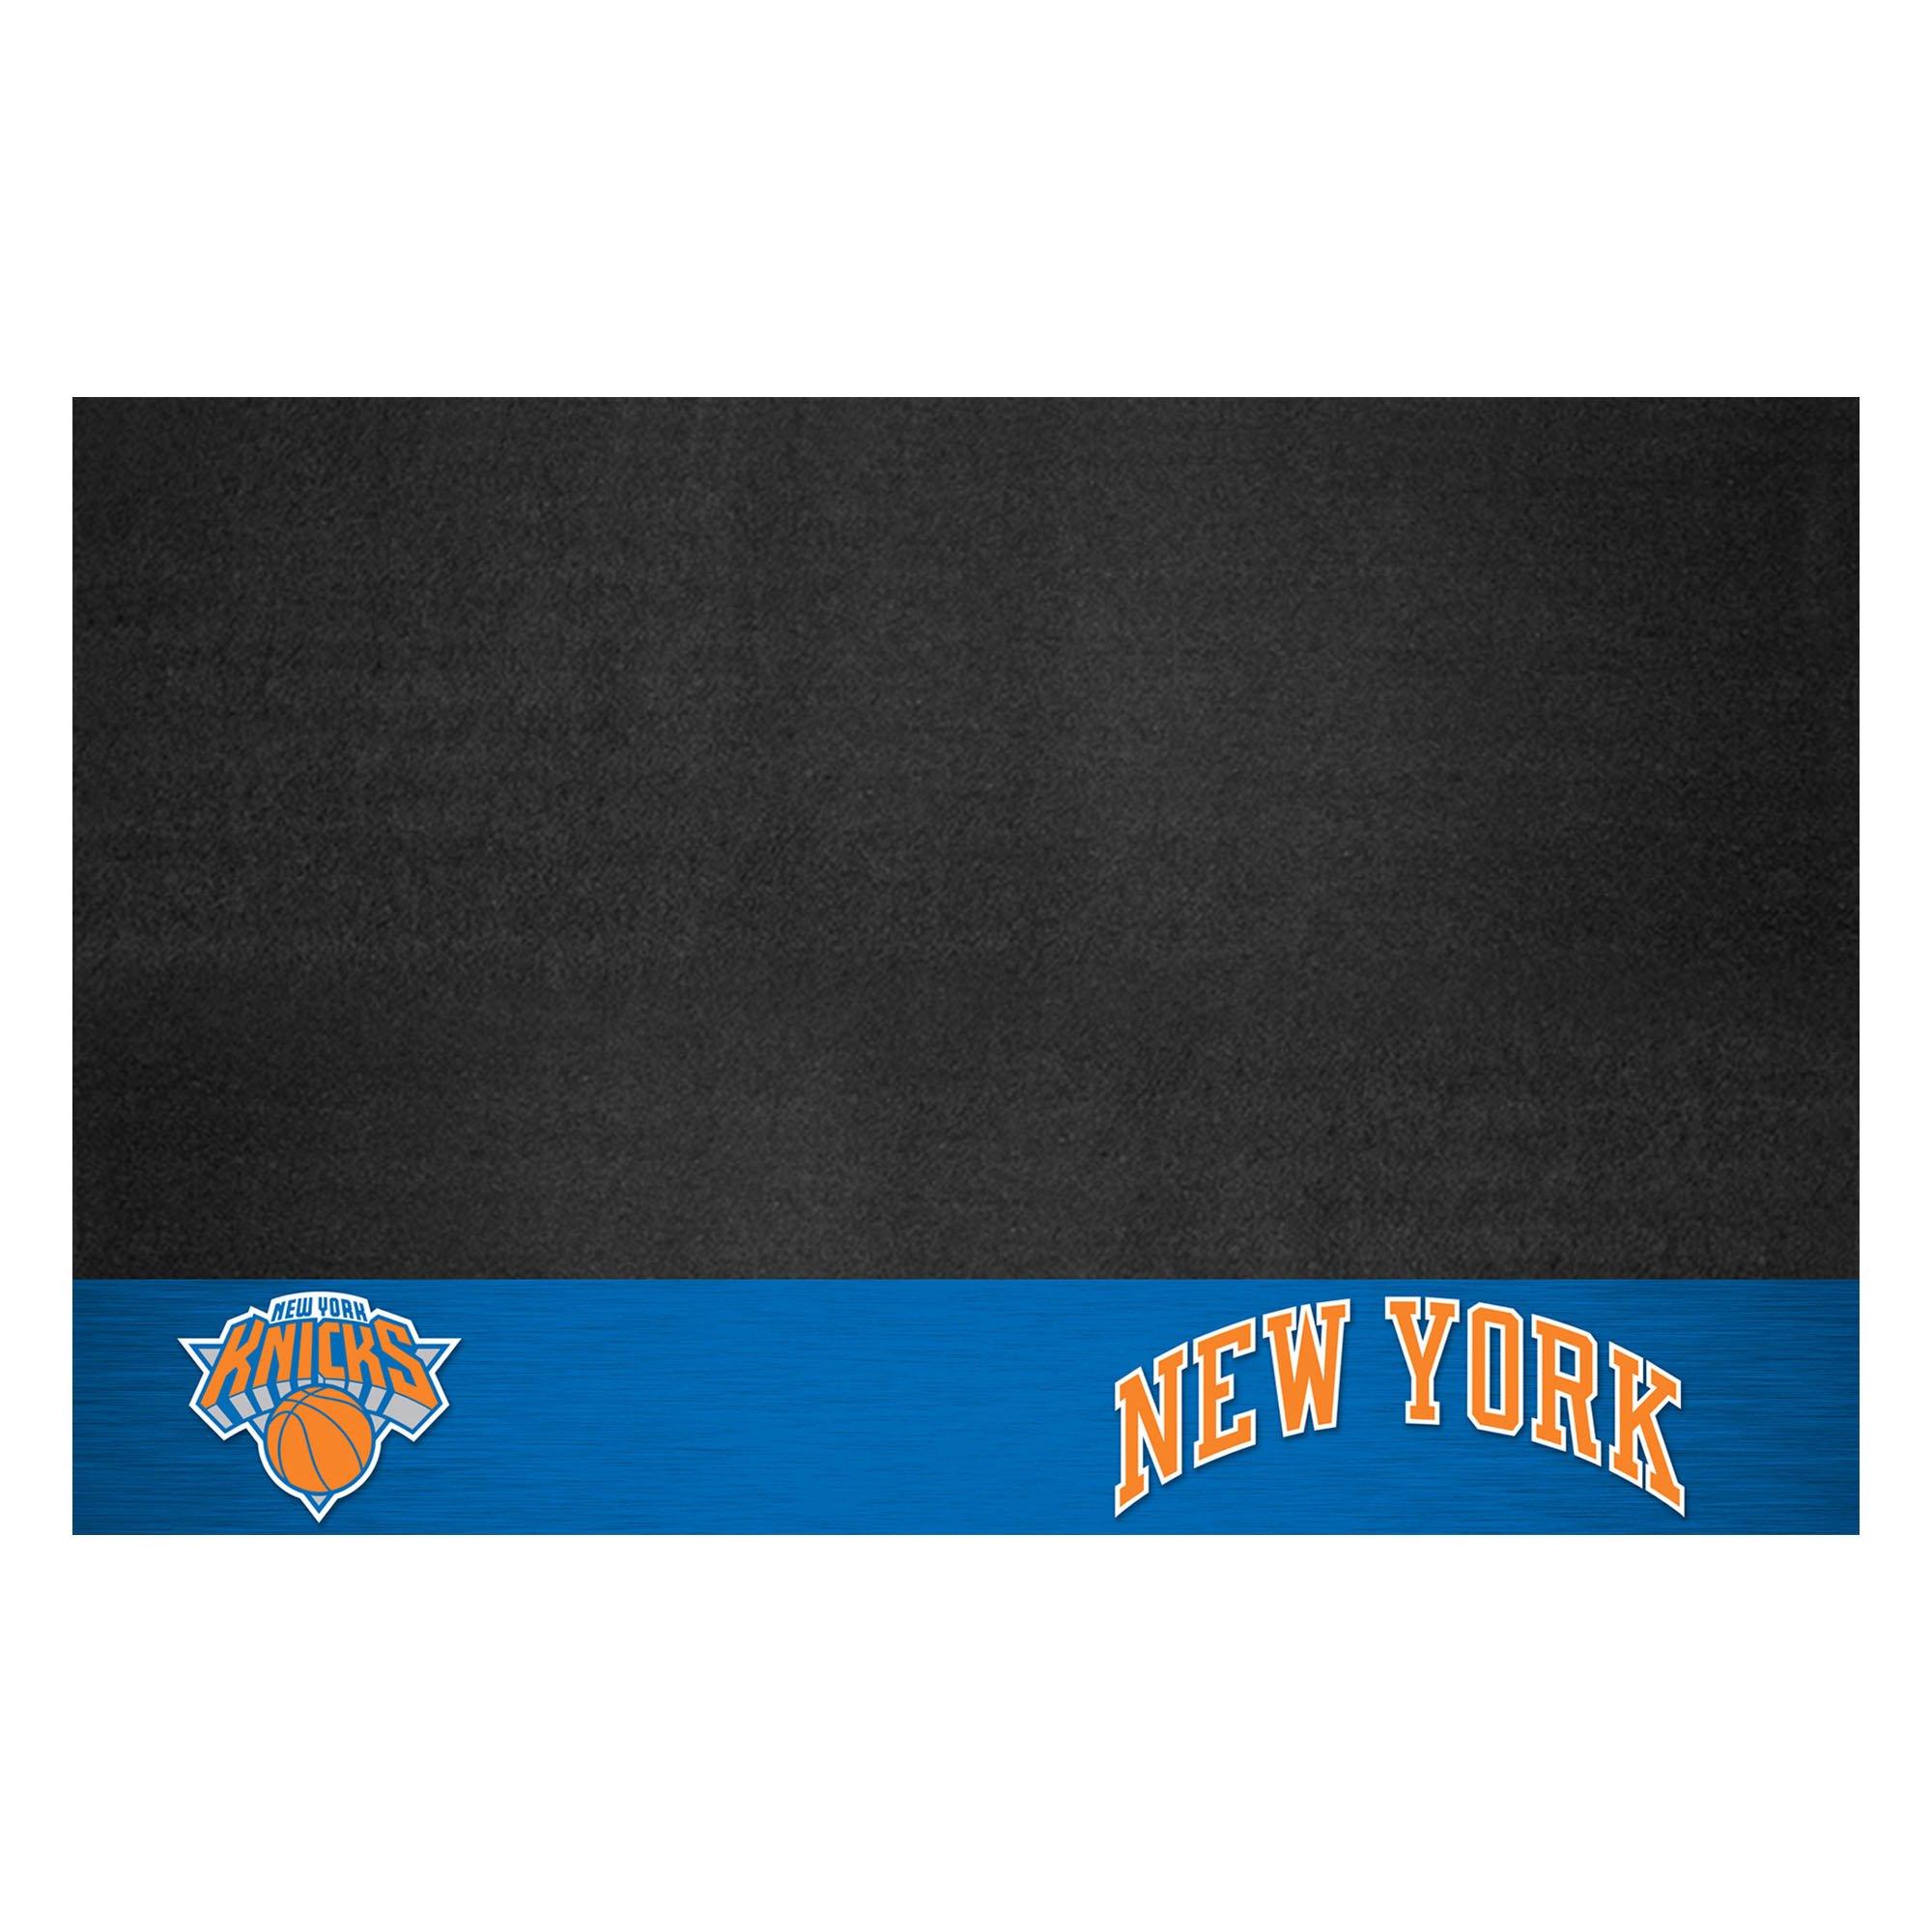 FANMATS 14214 NBA New York Knicks Grill Mat